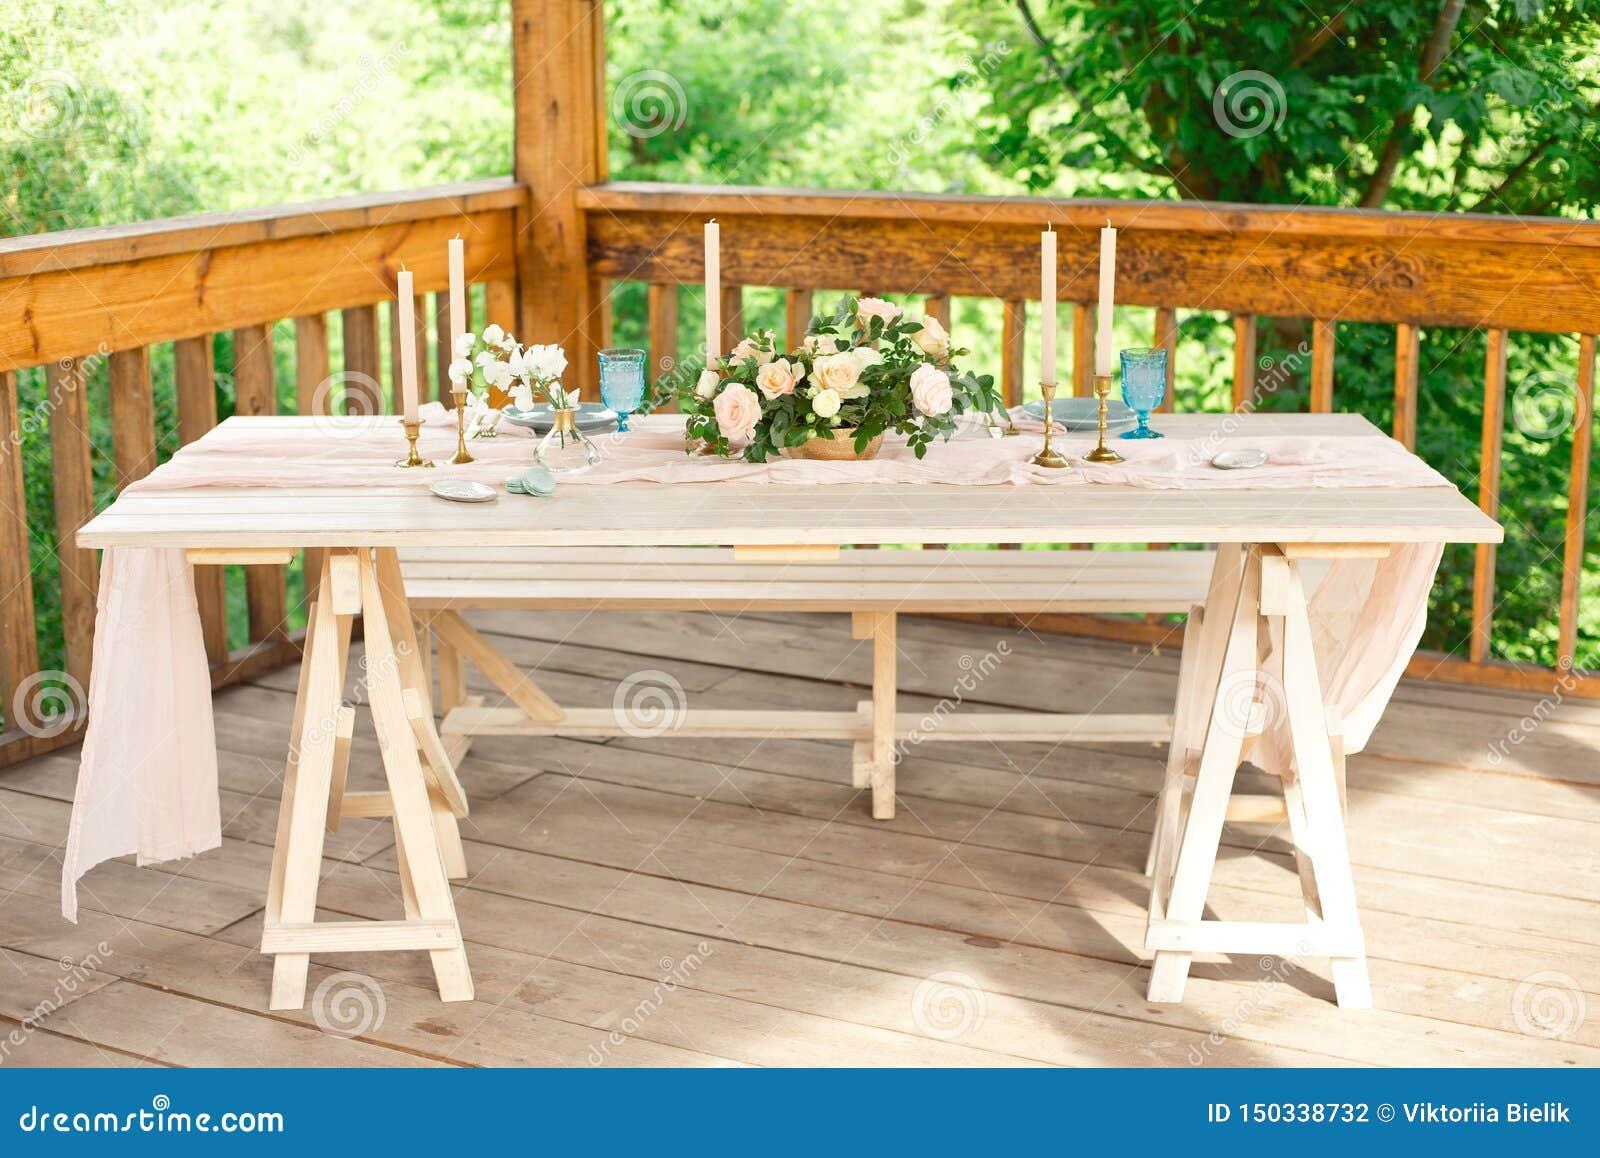 Verfraaide lijst voor diner voor tweepersoons, met platenmes, vork, kaas, wijn, wijnglazen en bloemen in een koper